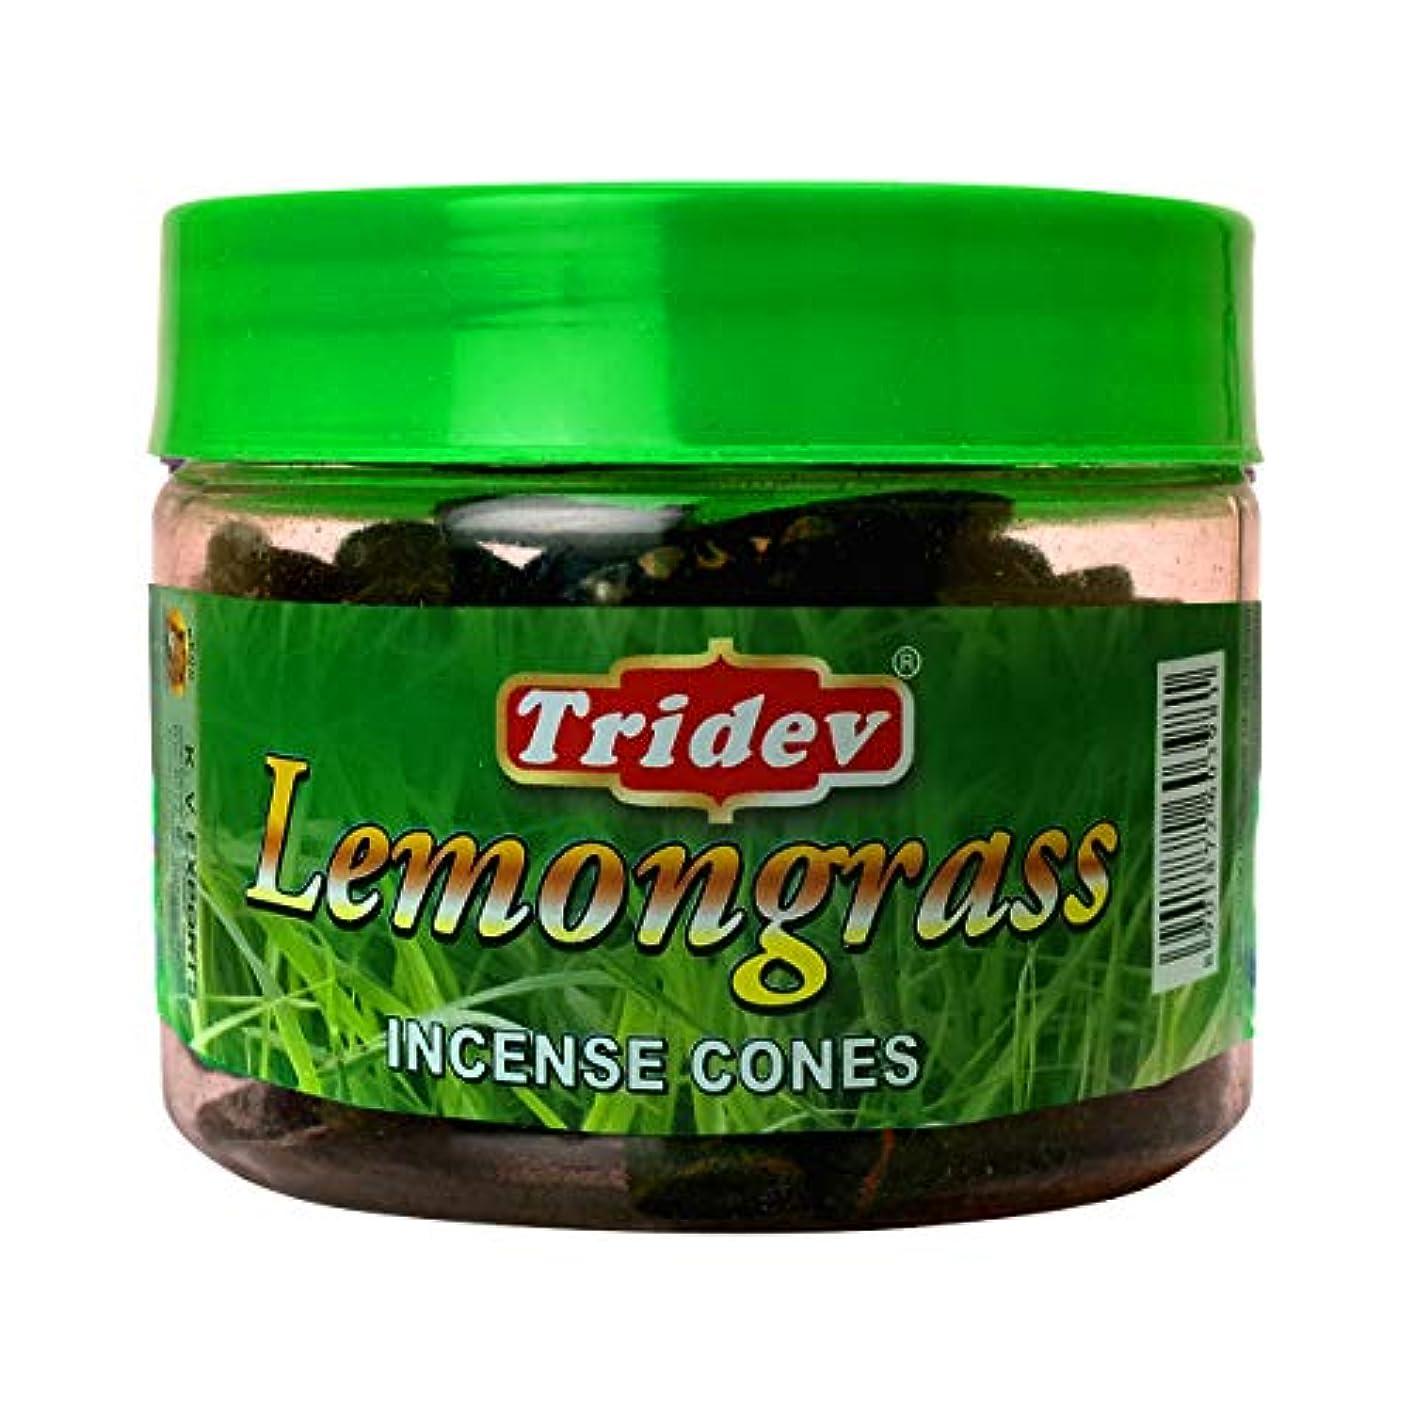 メアリアンジョーンズオーナー山Tridev レモングラスフレグランス コーン型お香瓶 1080グラム ボックス入り 12個入り 輸出品質